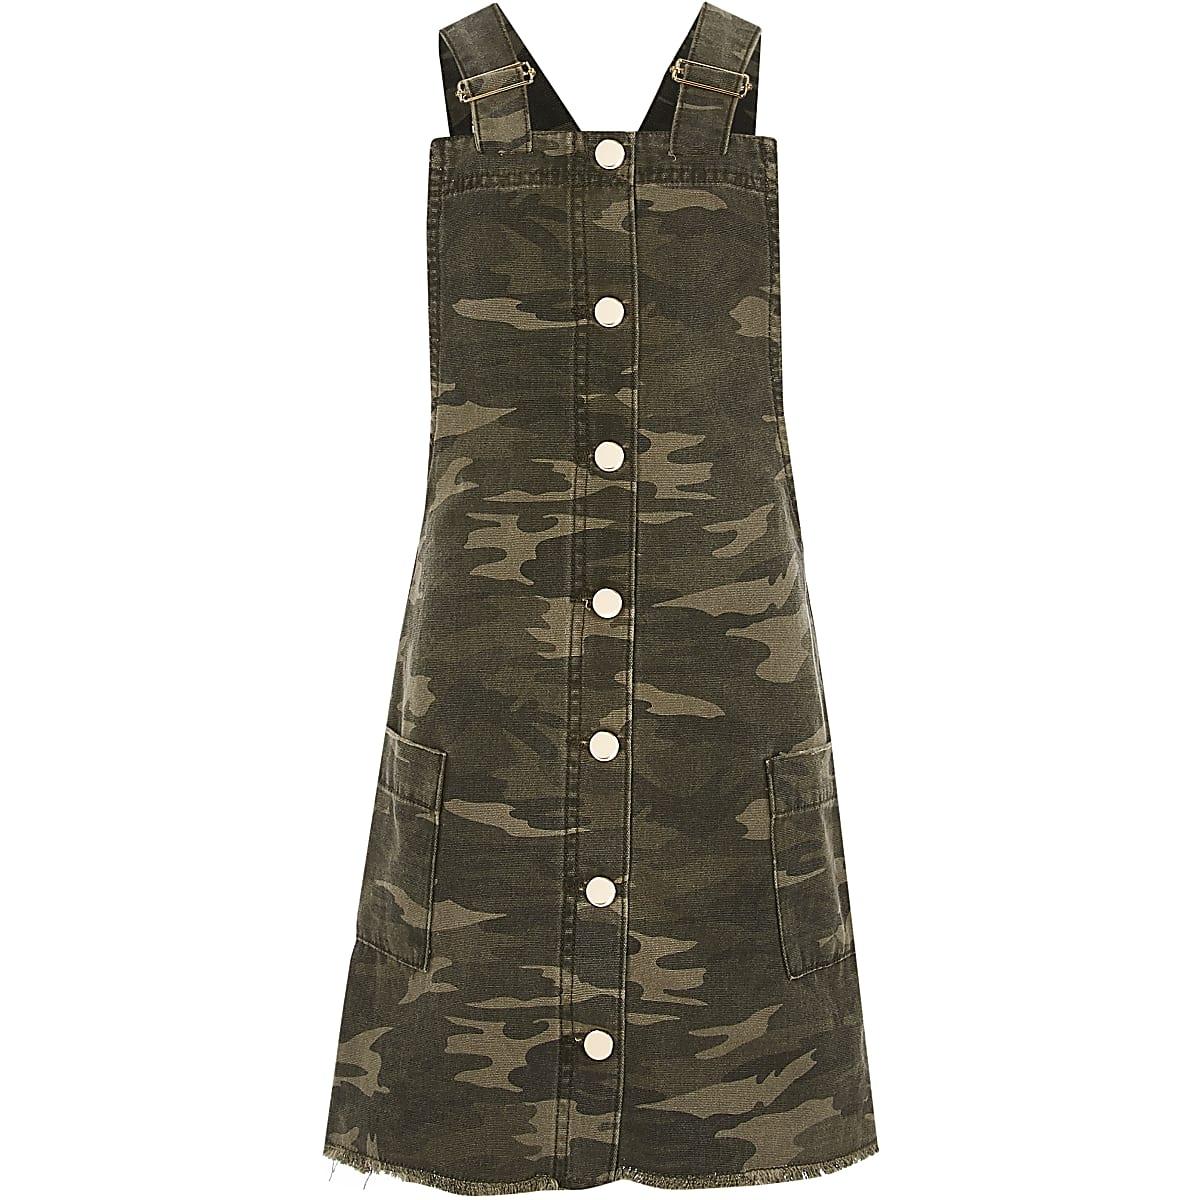 Groene overgooier met camouflageprint voor meisjes